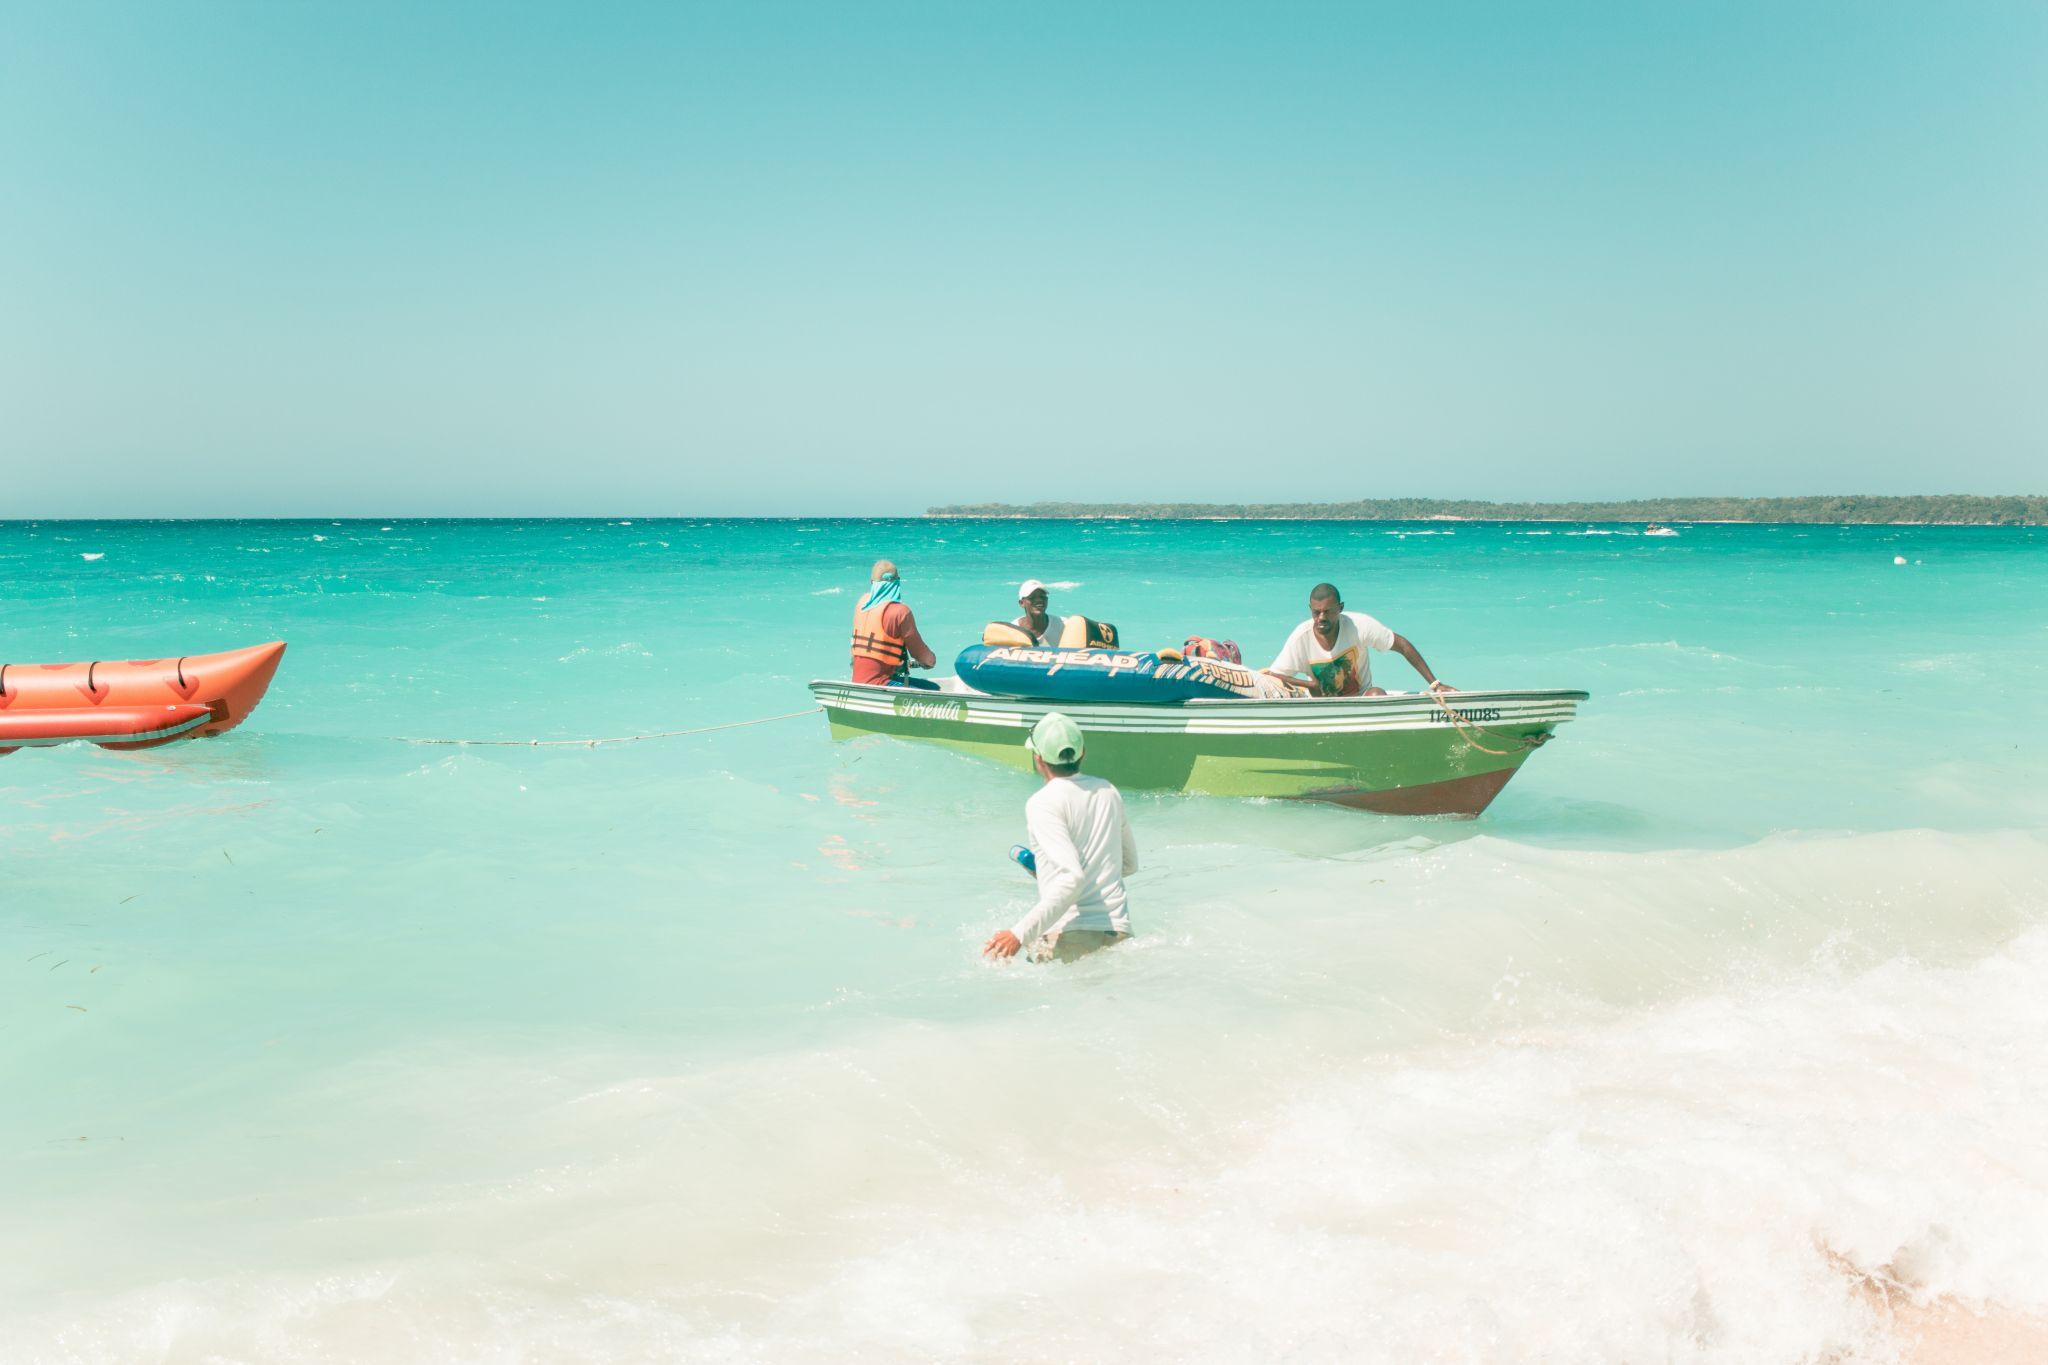 Cartagena Travel Guide Colombia Islas de Rosario Playa Blanca beach